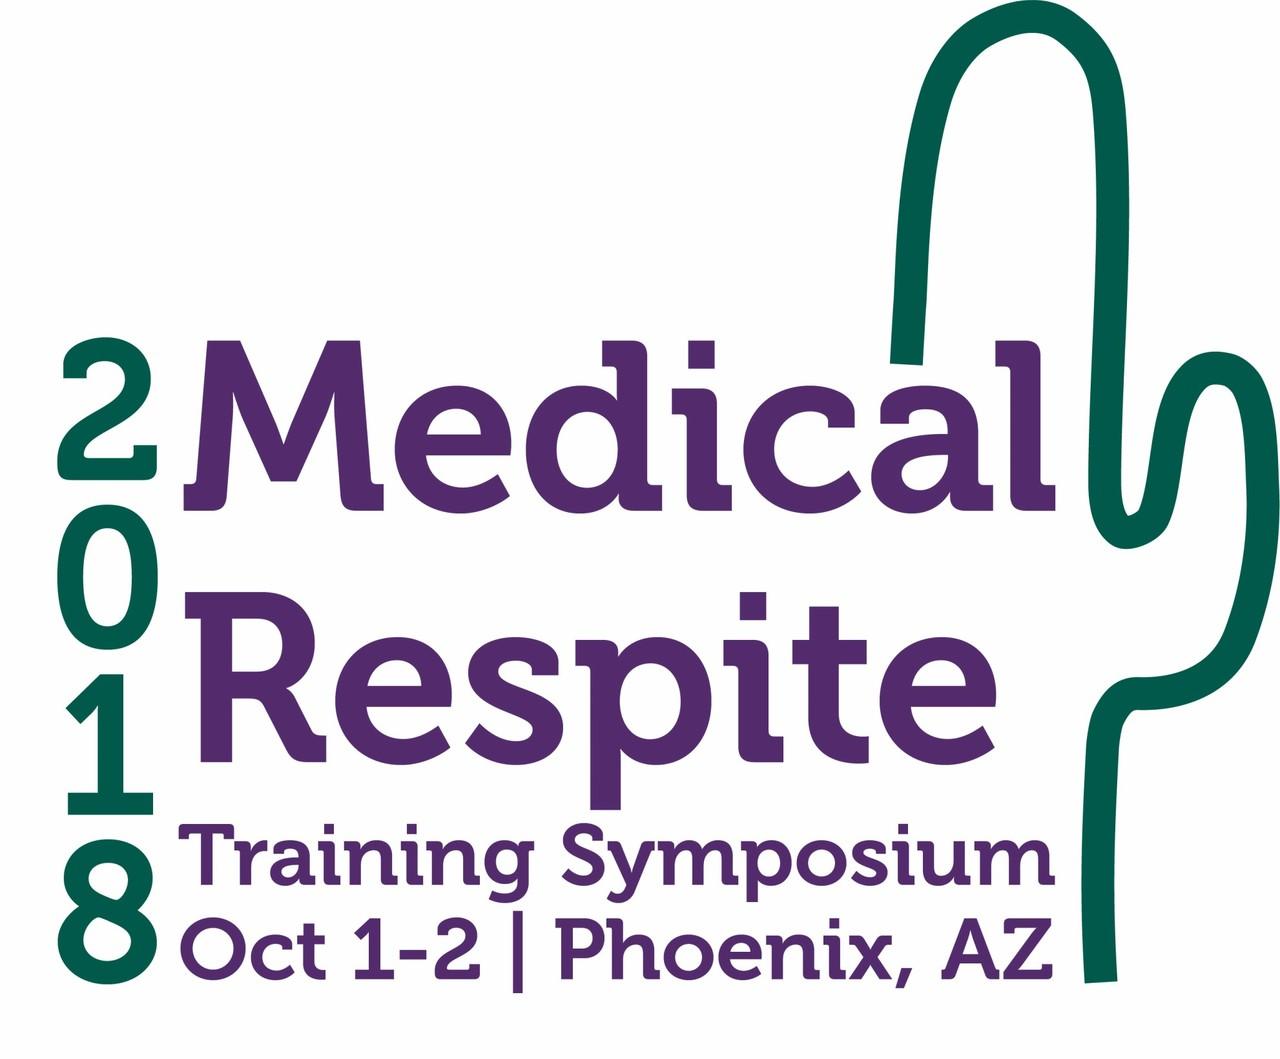 2018 Medical Respite Training Symposium